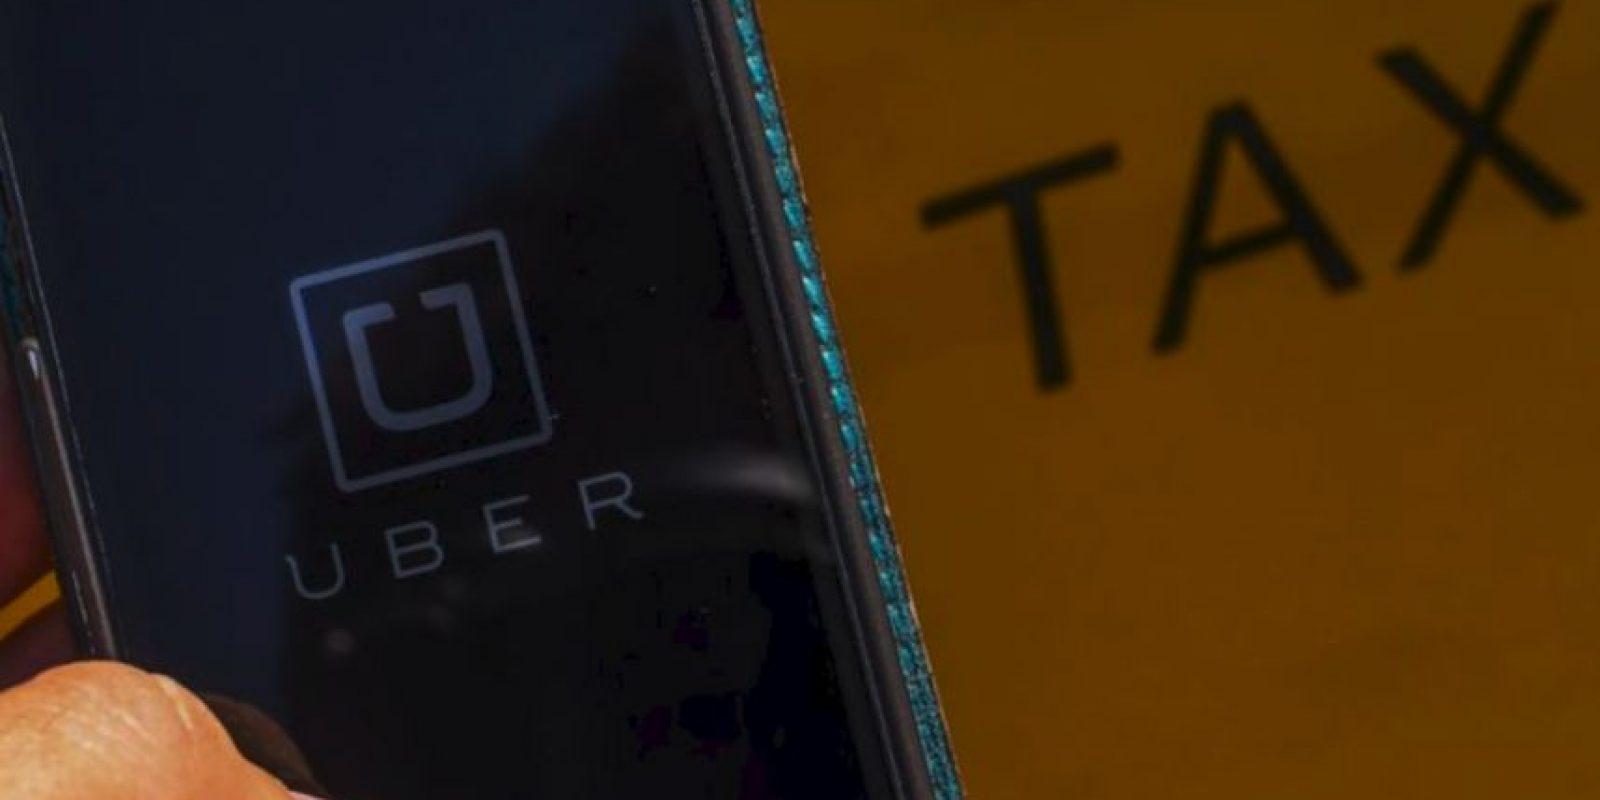 En diciembre de 2014, un conductor de Uber fue acusado de violar a una pasajera mientras estaba a bordo de una de sus unidades Foto:Getty Images